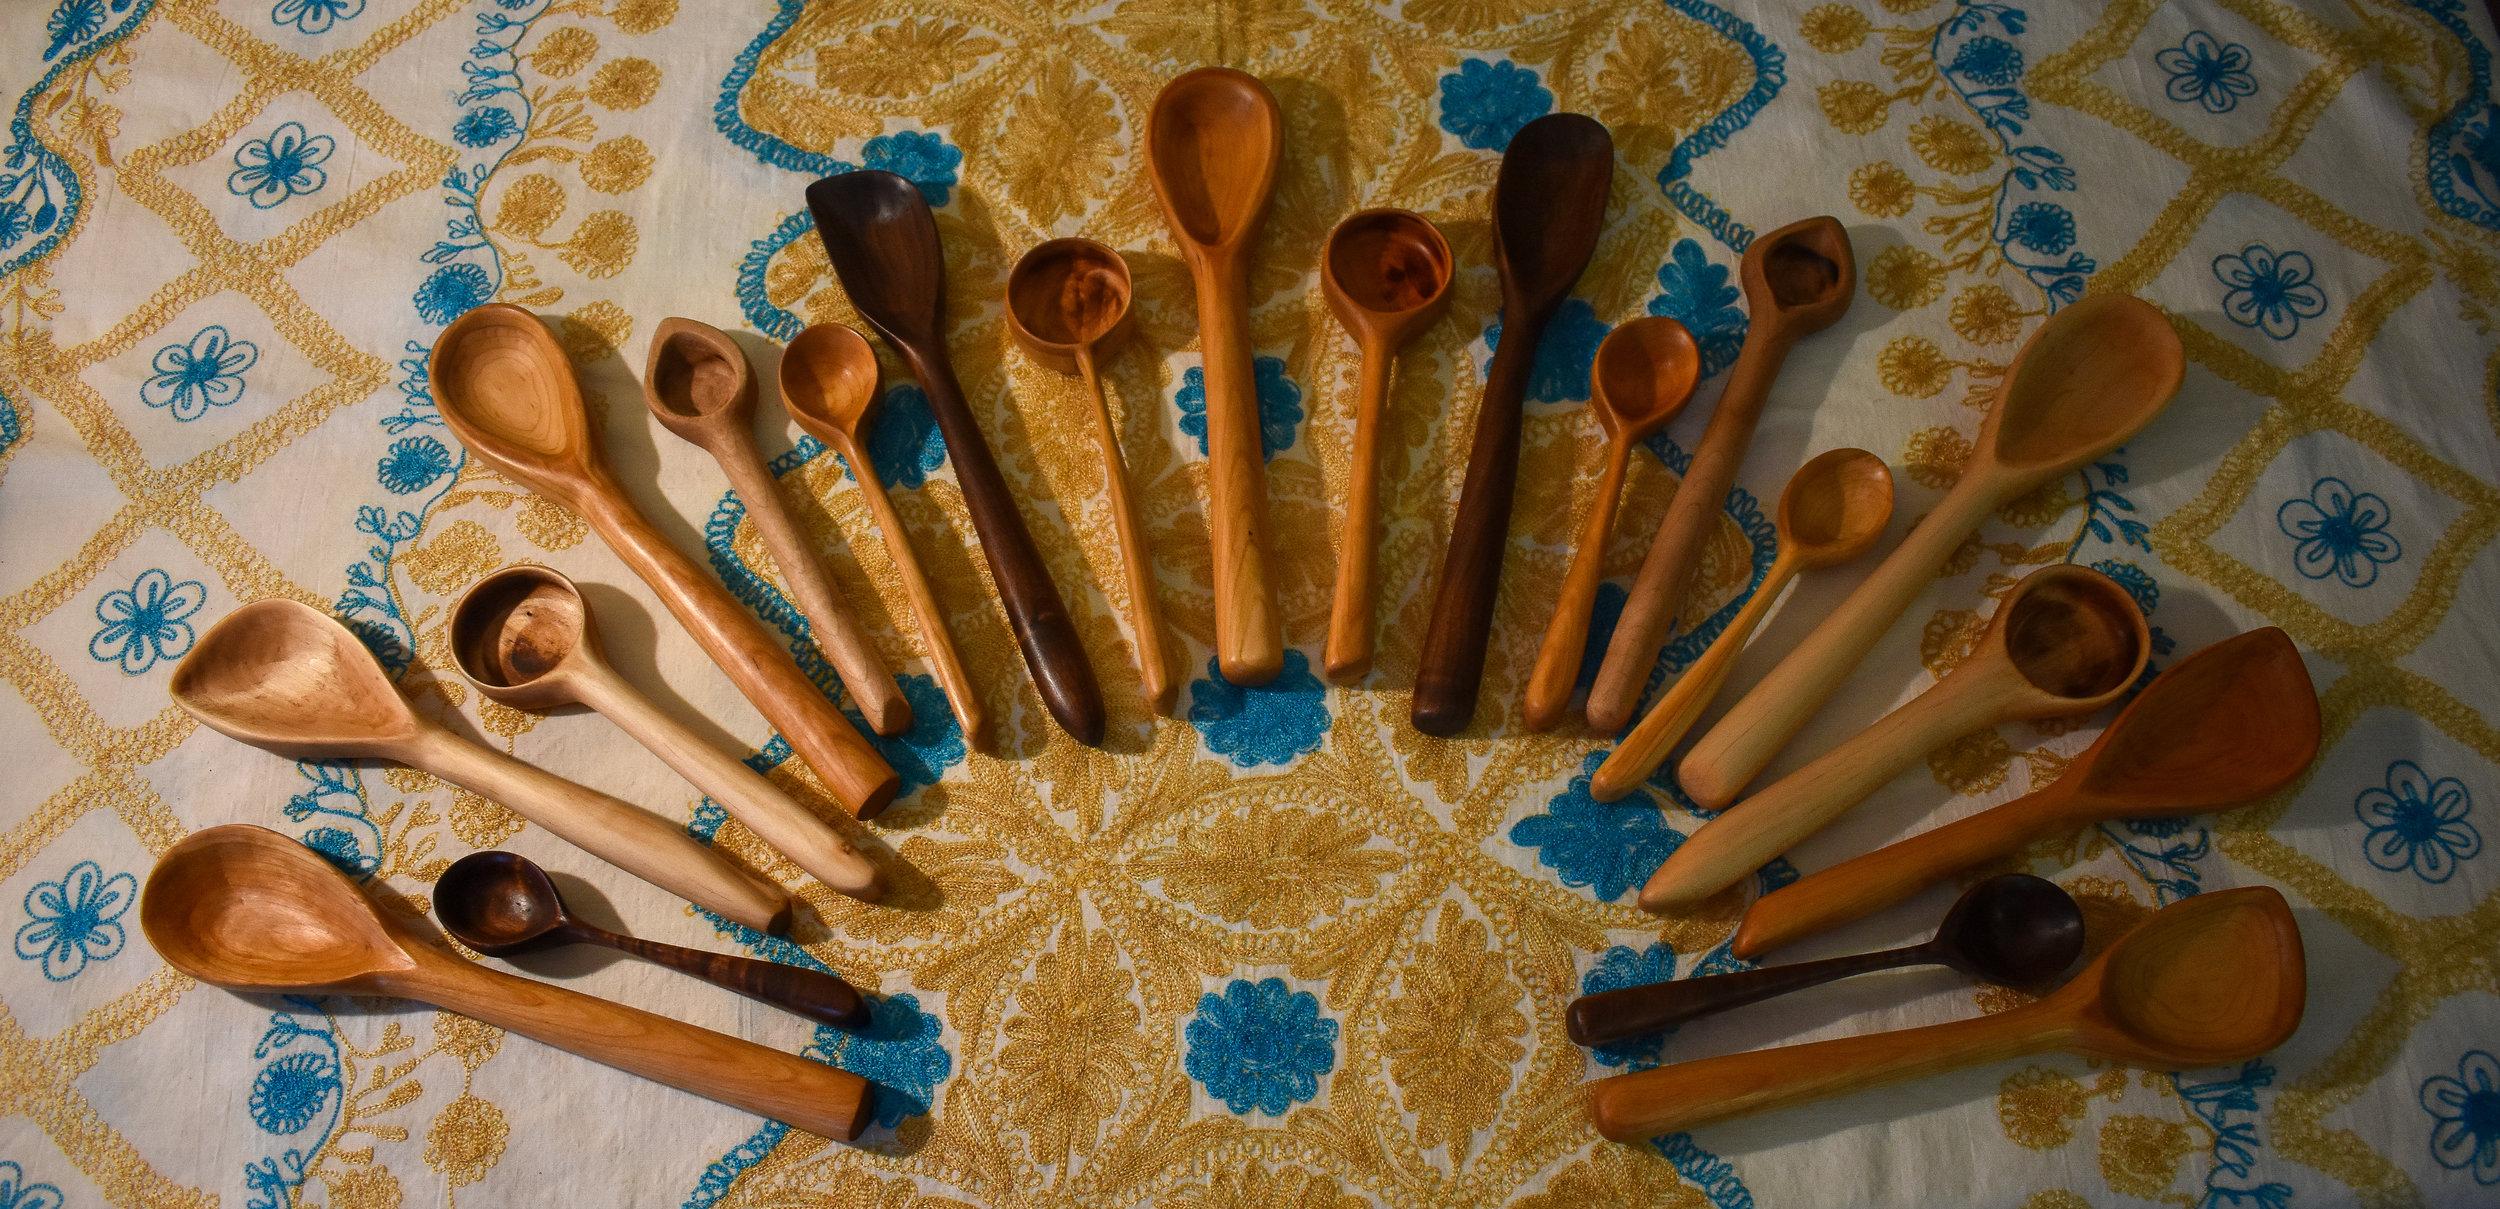 Spoons 6.jpg